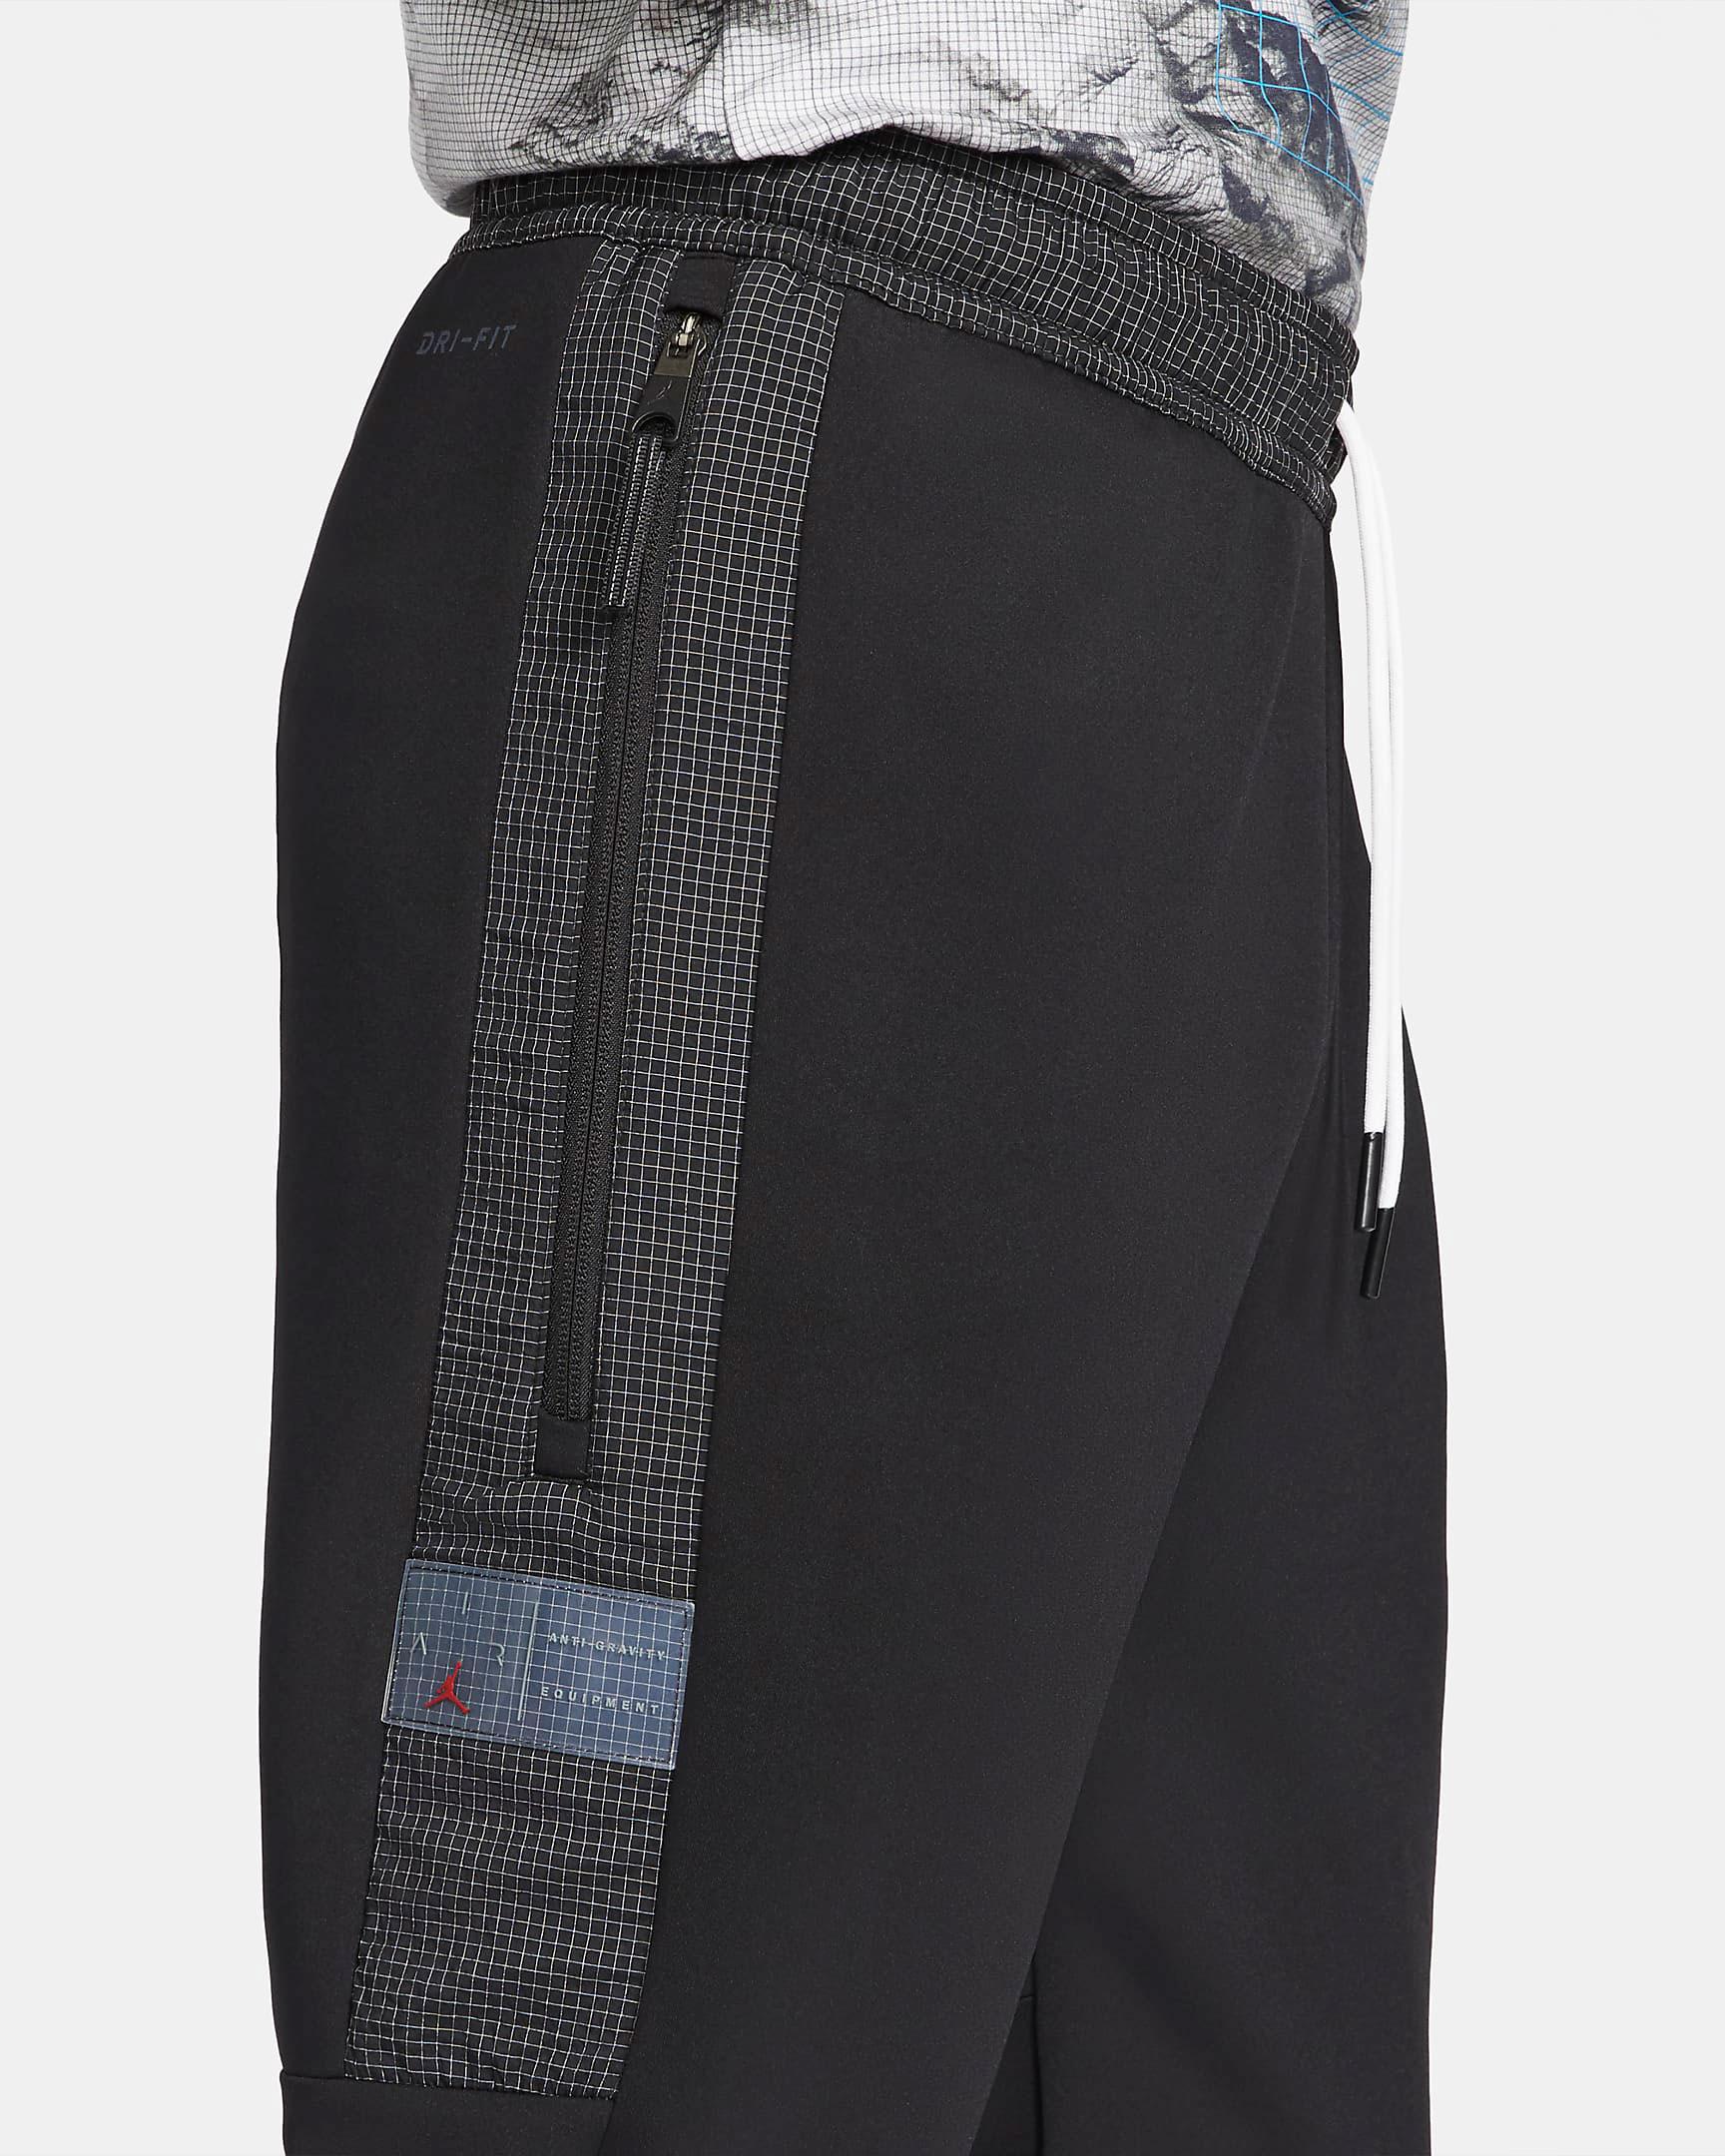 jordan-air-fleece-pants-black-white-4